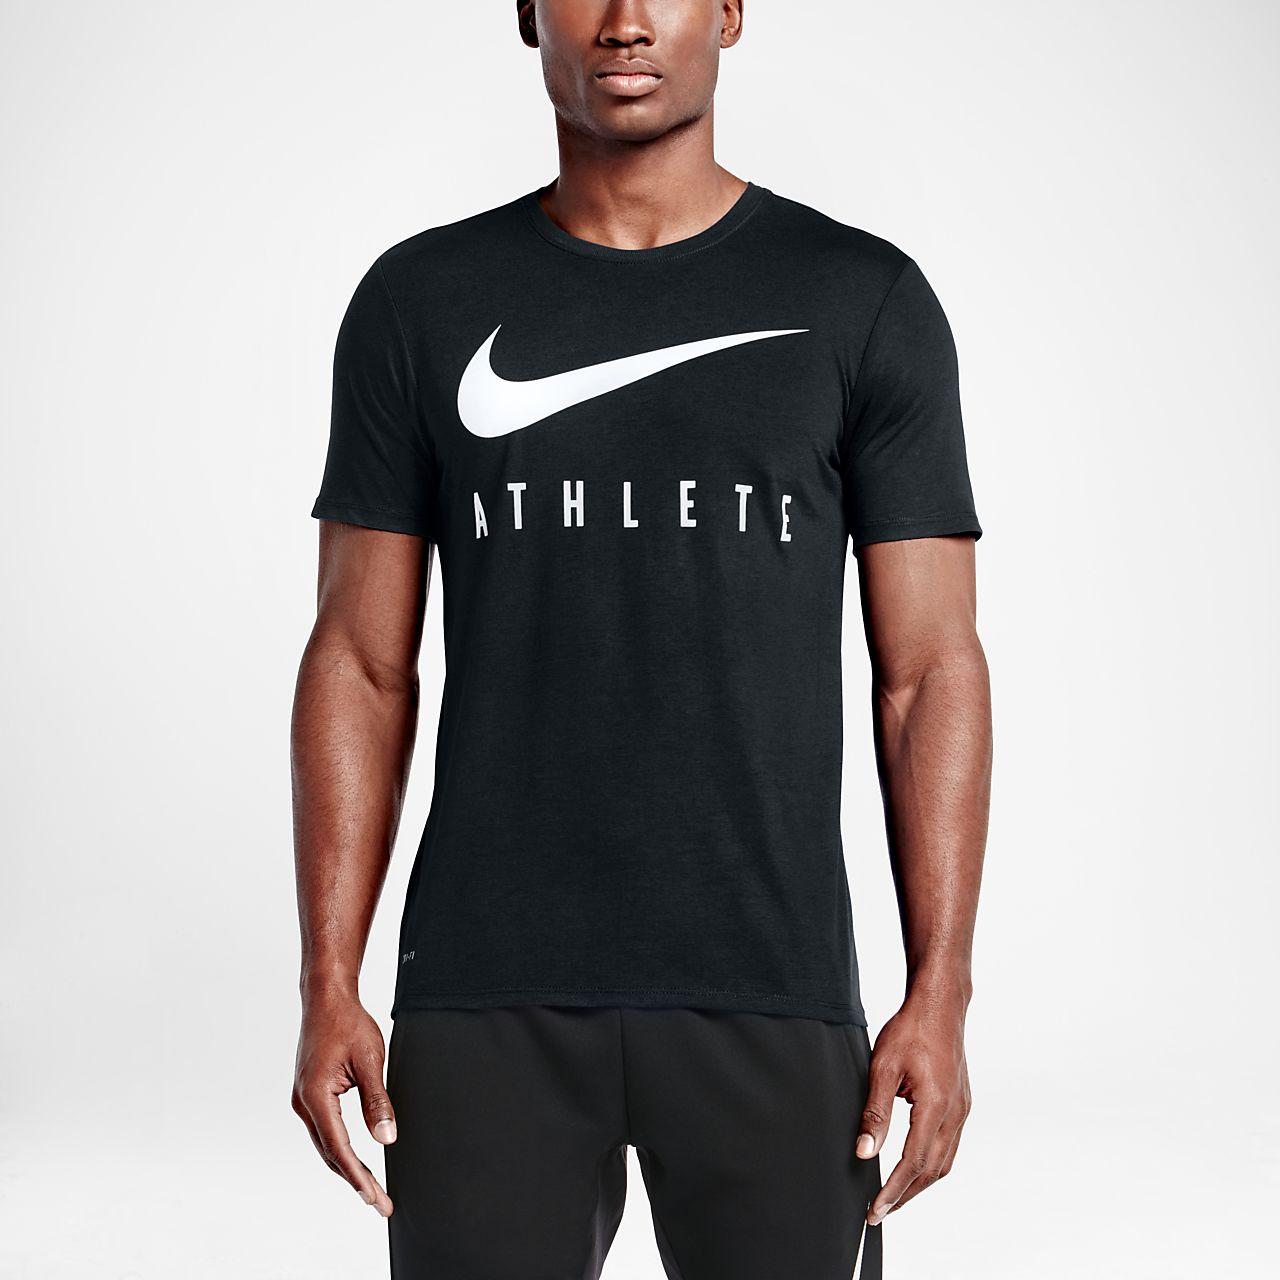 90b7e8c55caa3c Nike Swoosh Athlete Men s T-Shirt. Nike.com CA